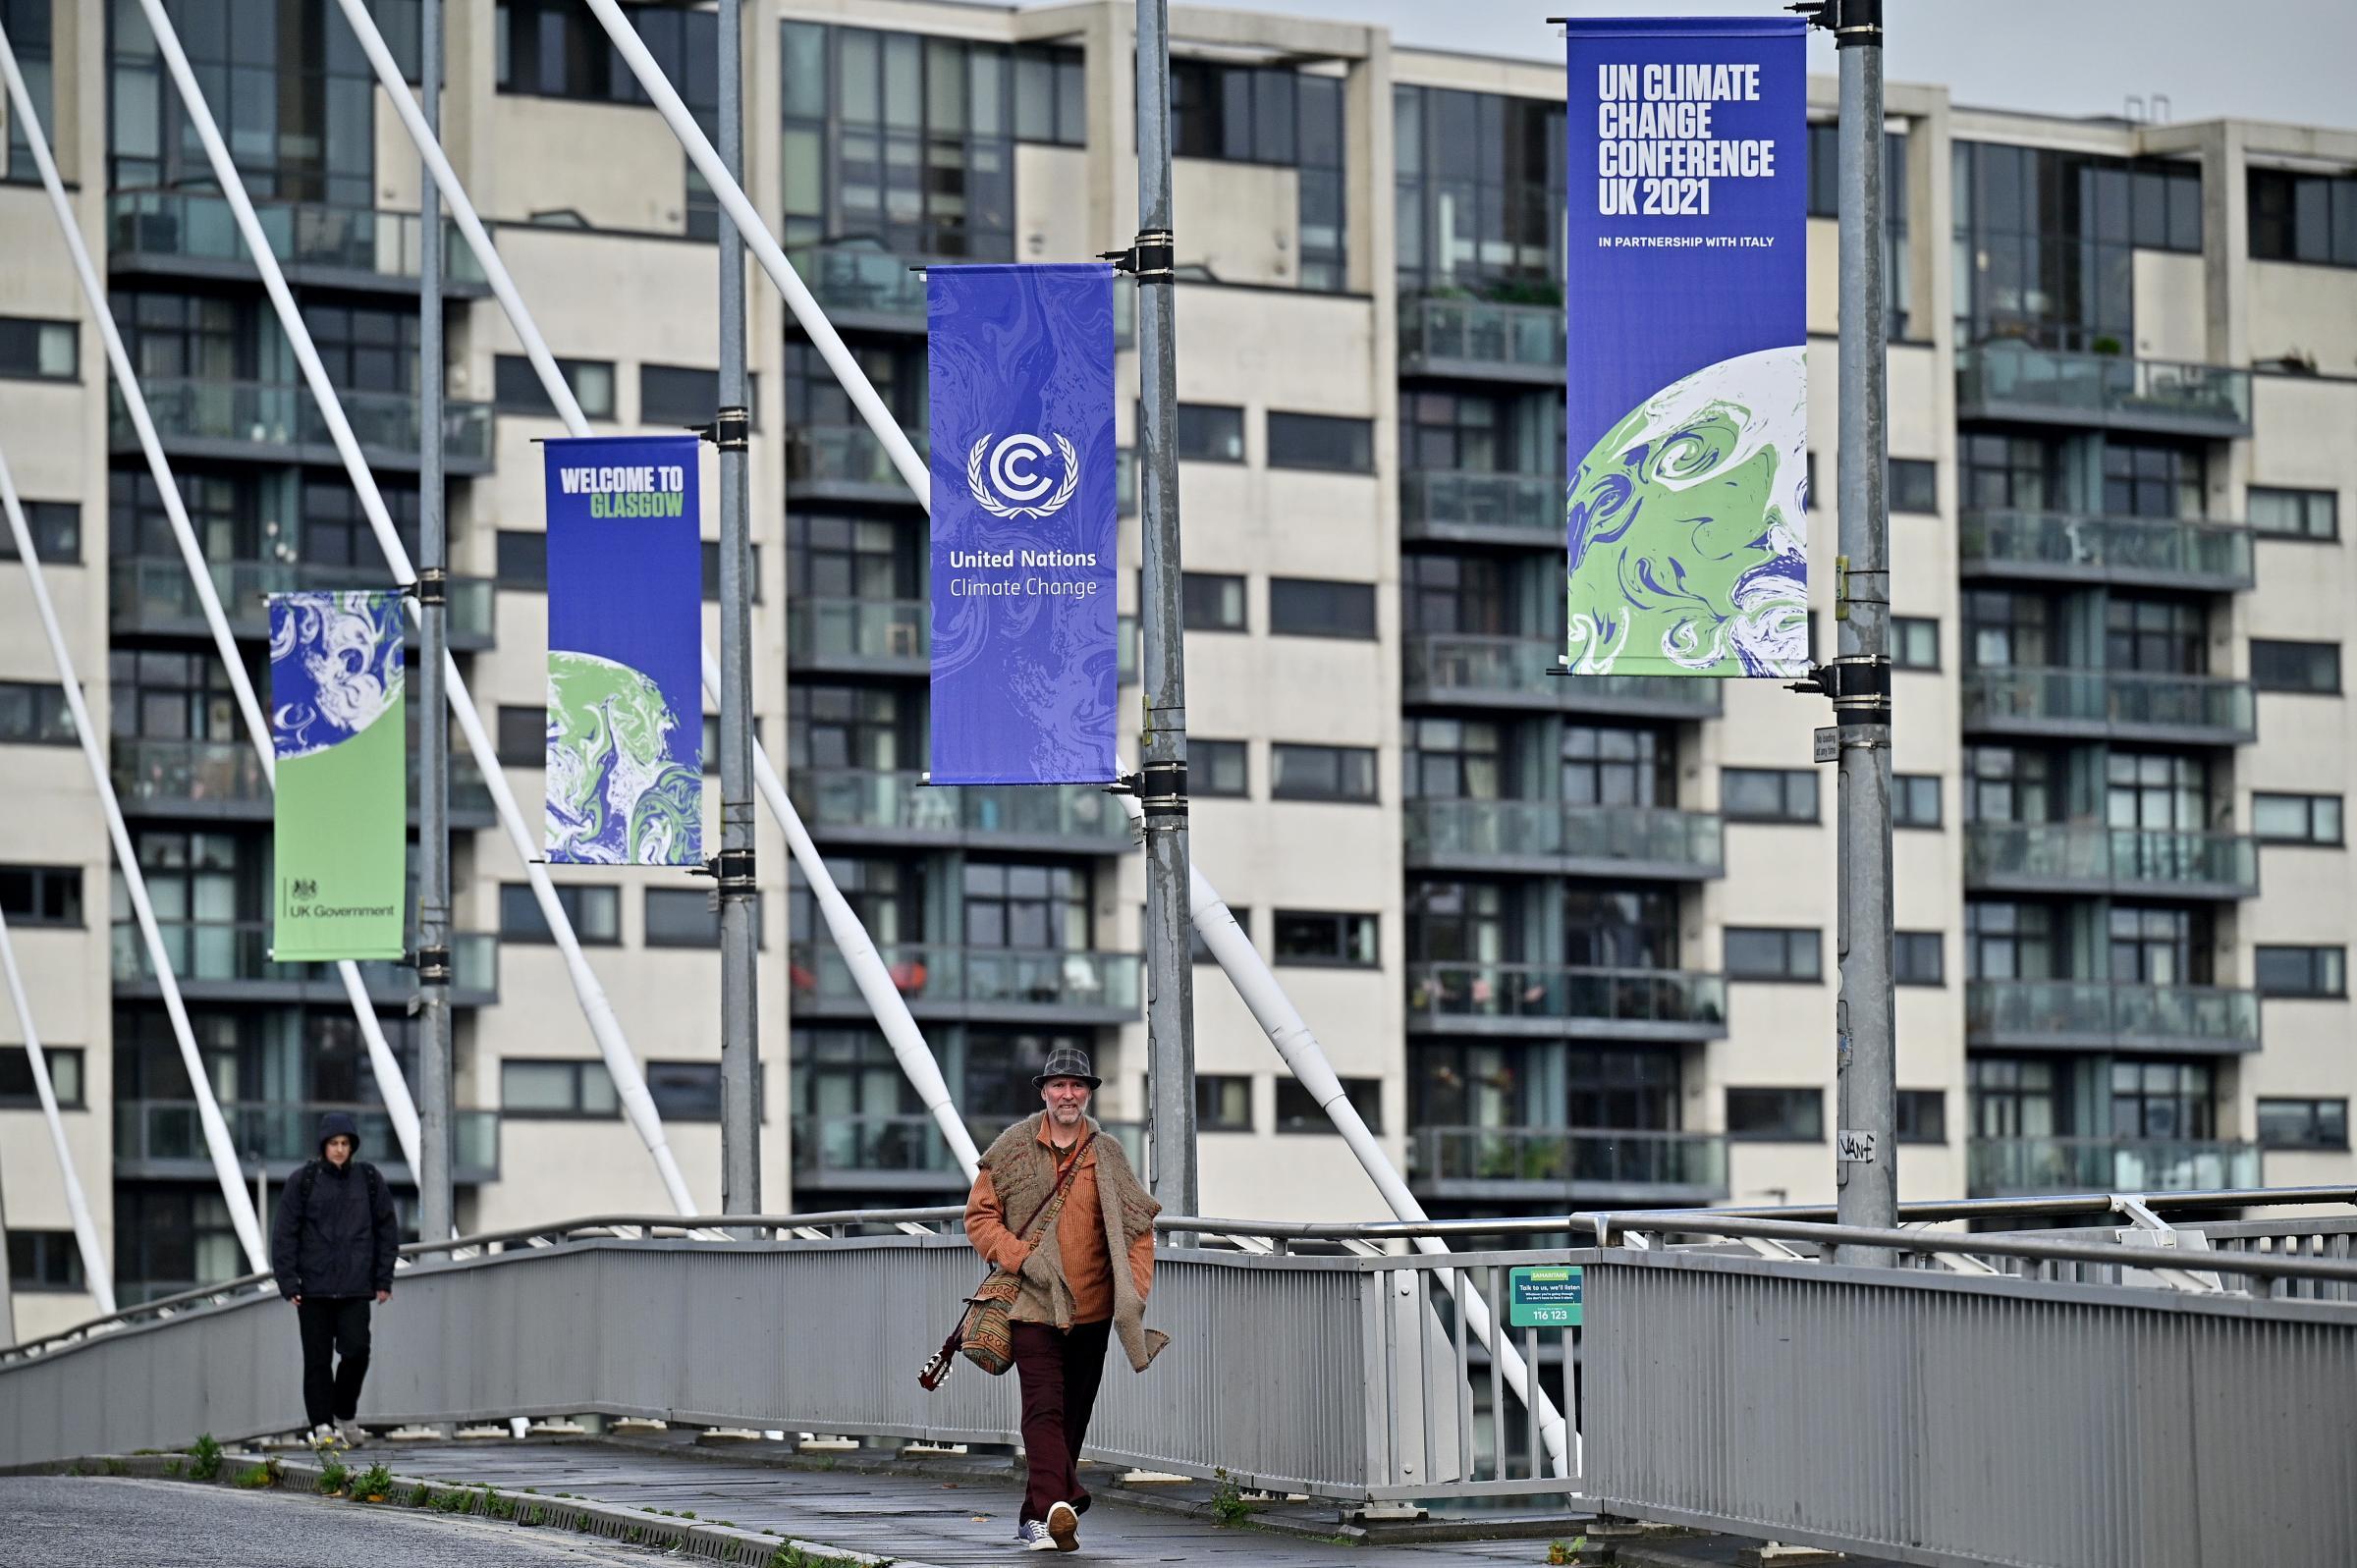 Cómo informará The Herald sobre la COP26